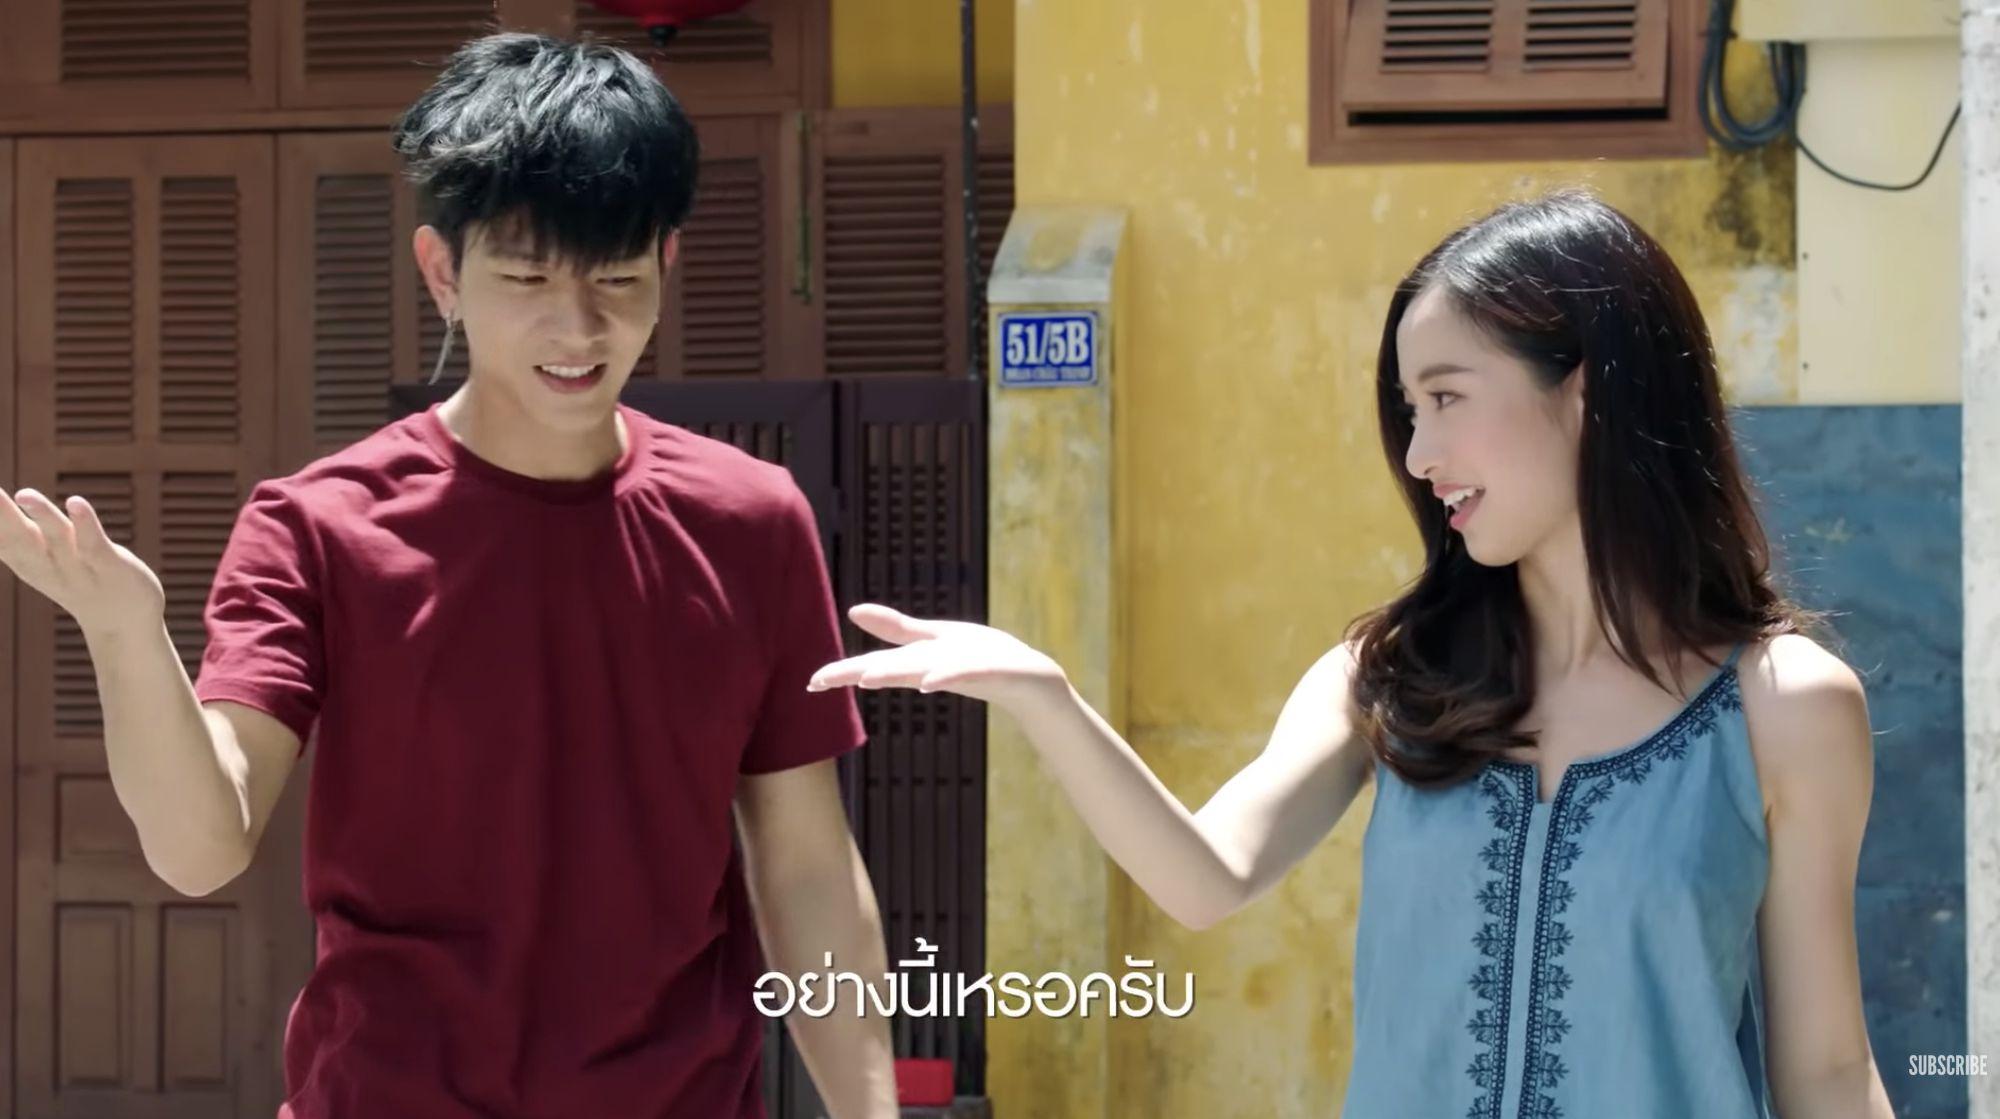 Phim Wolf (Trò Chơi Săn Người) Thái Lan hút khán giả ngay khi lên sóng (9)